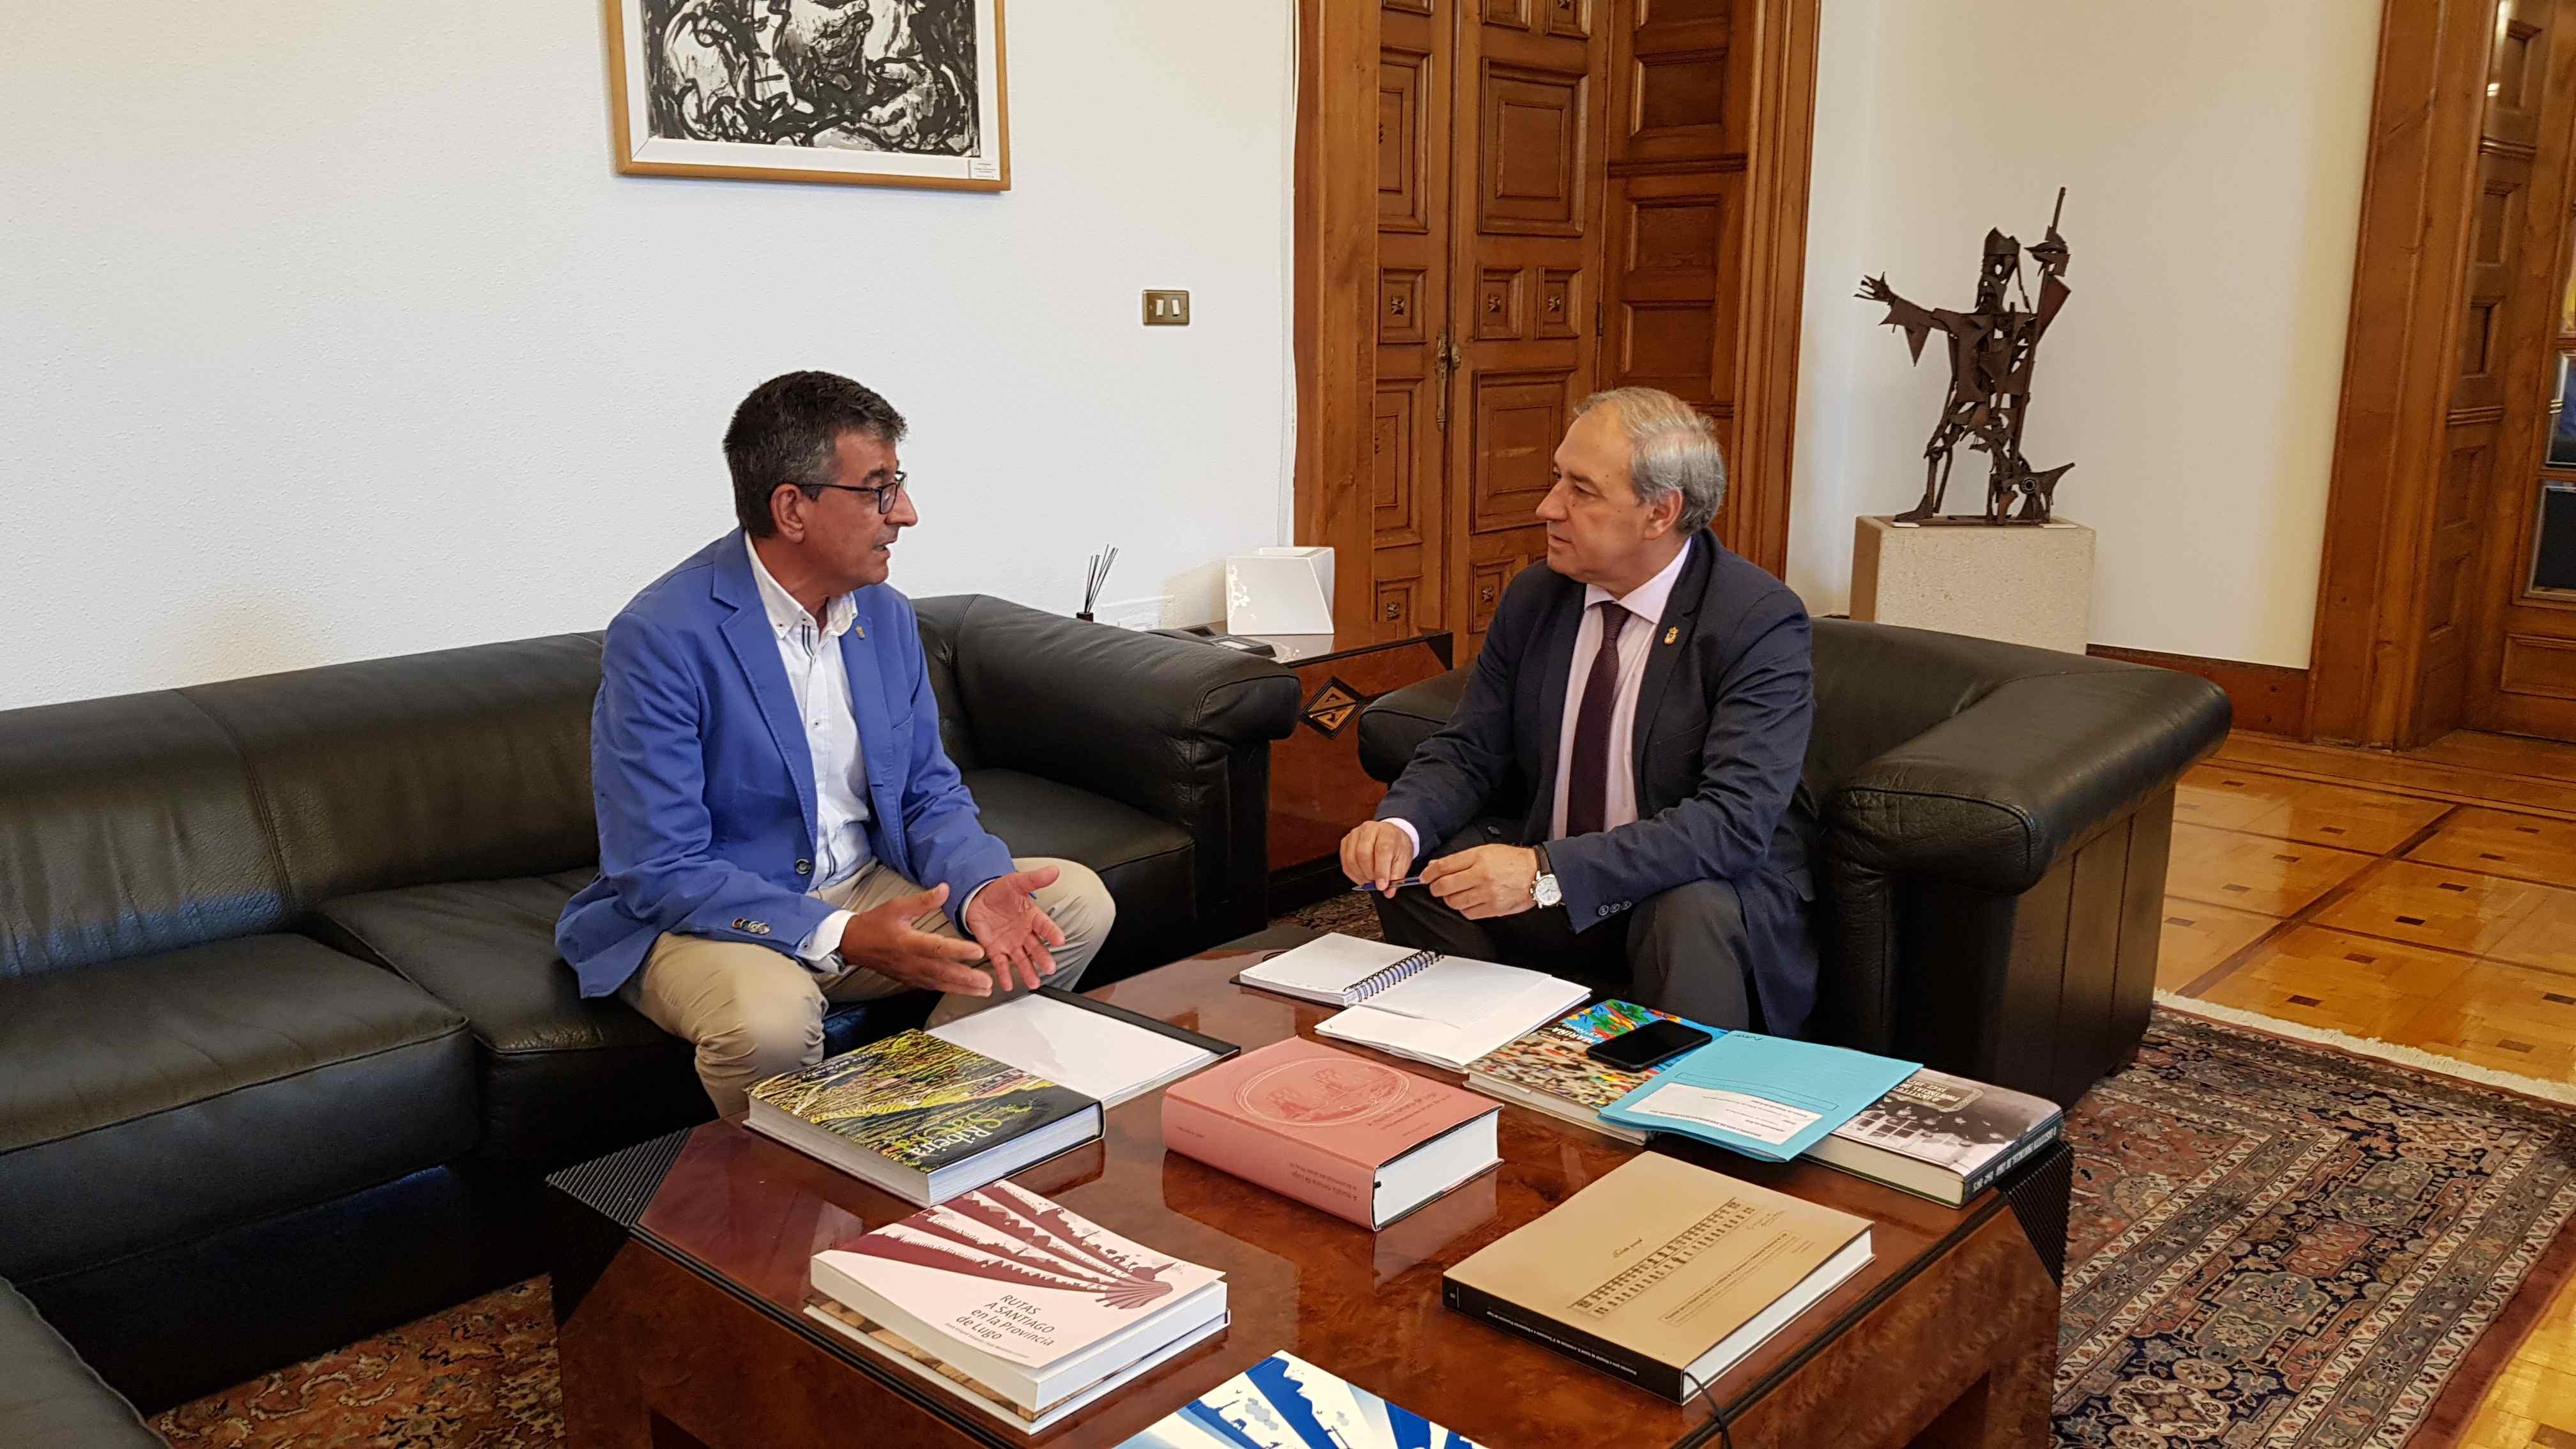 Reunión do Presidente da Deputación, José Tomé co Alcalde de Sober, Luis Fernández Guitián.